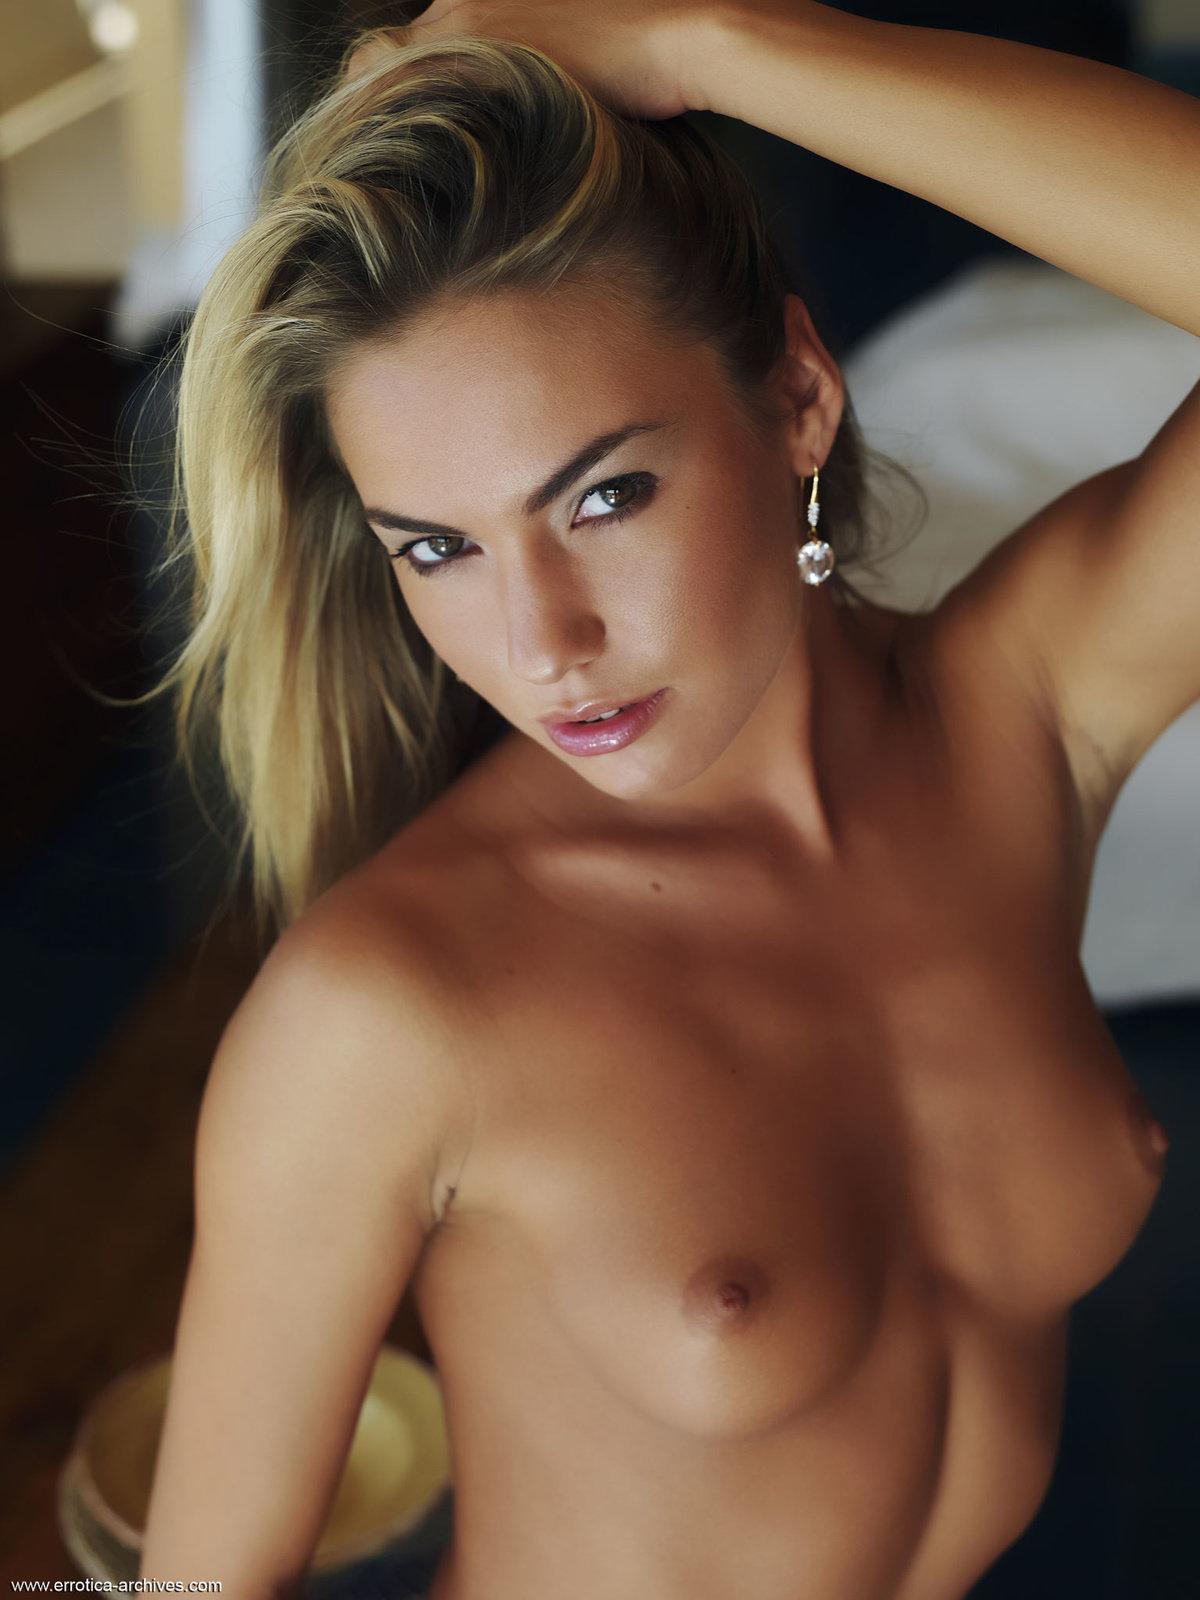 Zdjęcie porno - 1117 - Naga blondi w apartamencie